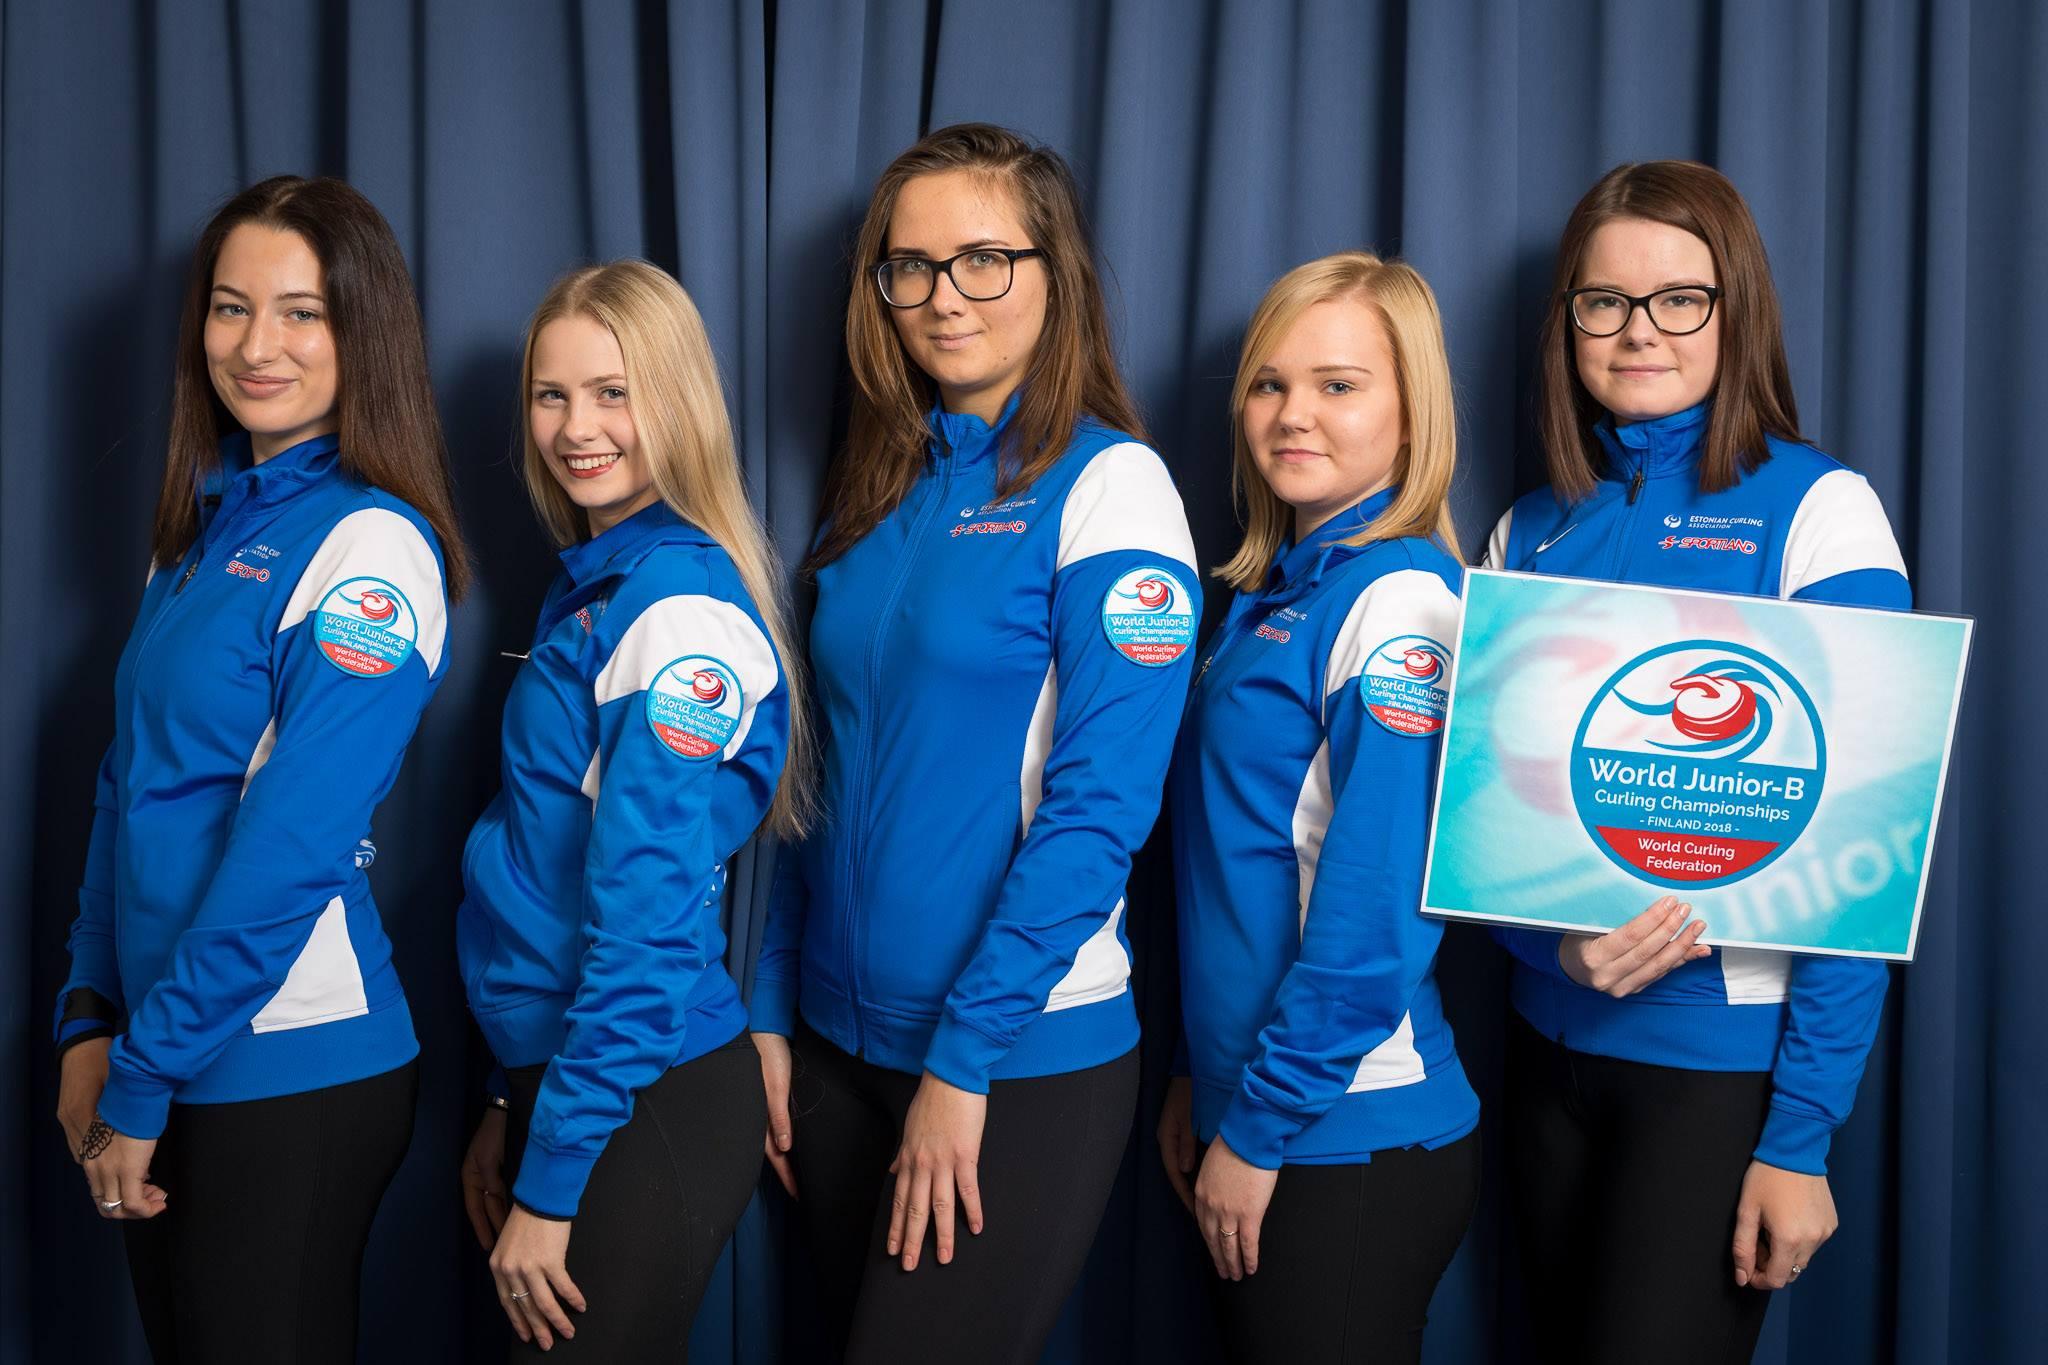 Eesti curlingu naisjuuniorid jätkavad MMi kvalifikatsioonis võidukalt